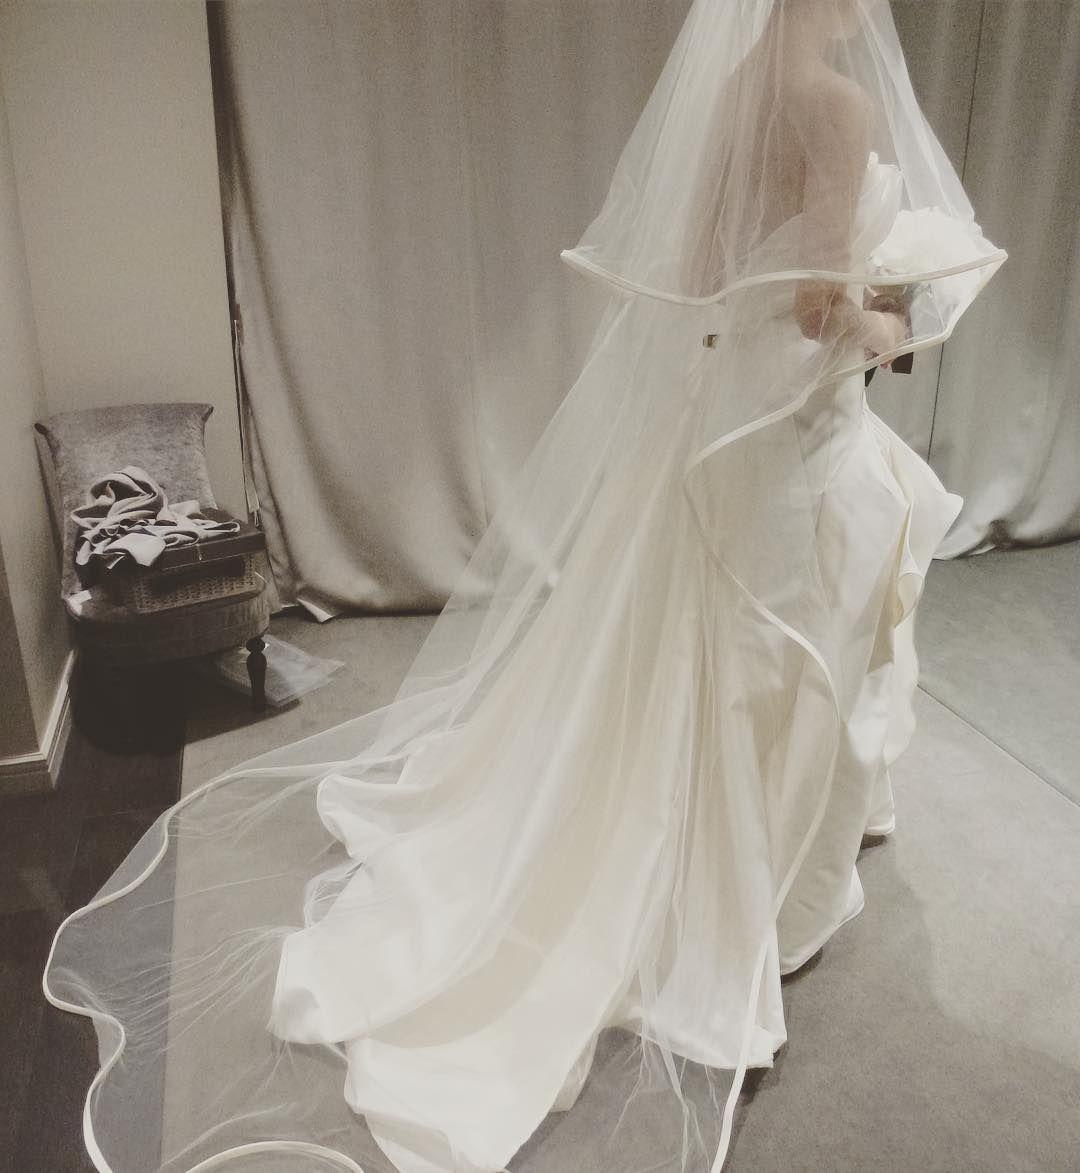 こちらもAntonio riva立体感たまらない まだWDも決まってないですがここで付けて頂いたヴェールがとっても気に入ってしまって 動きのあるヴェールでした こんなヴェールに合うドレスを探したいと密かに目論んでおります  #antonioriva #WD #weddingdress #ドレス試着 #ウエディングドレス #ヴェール by krkr_325